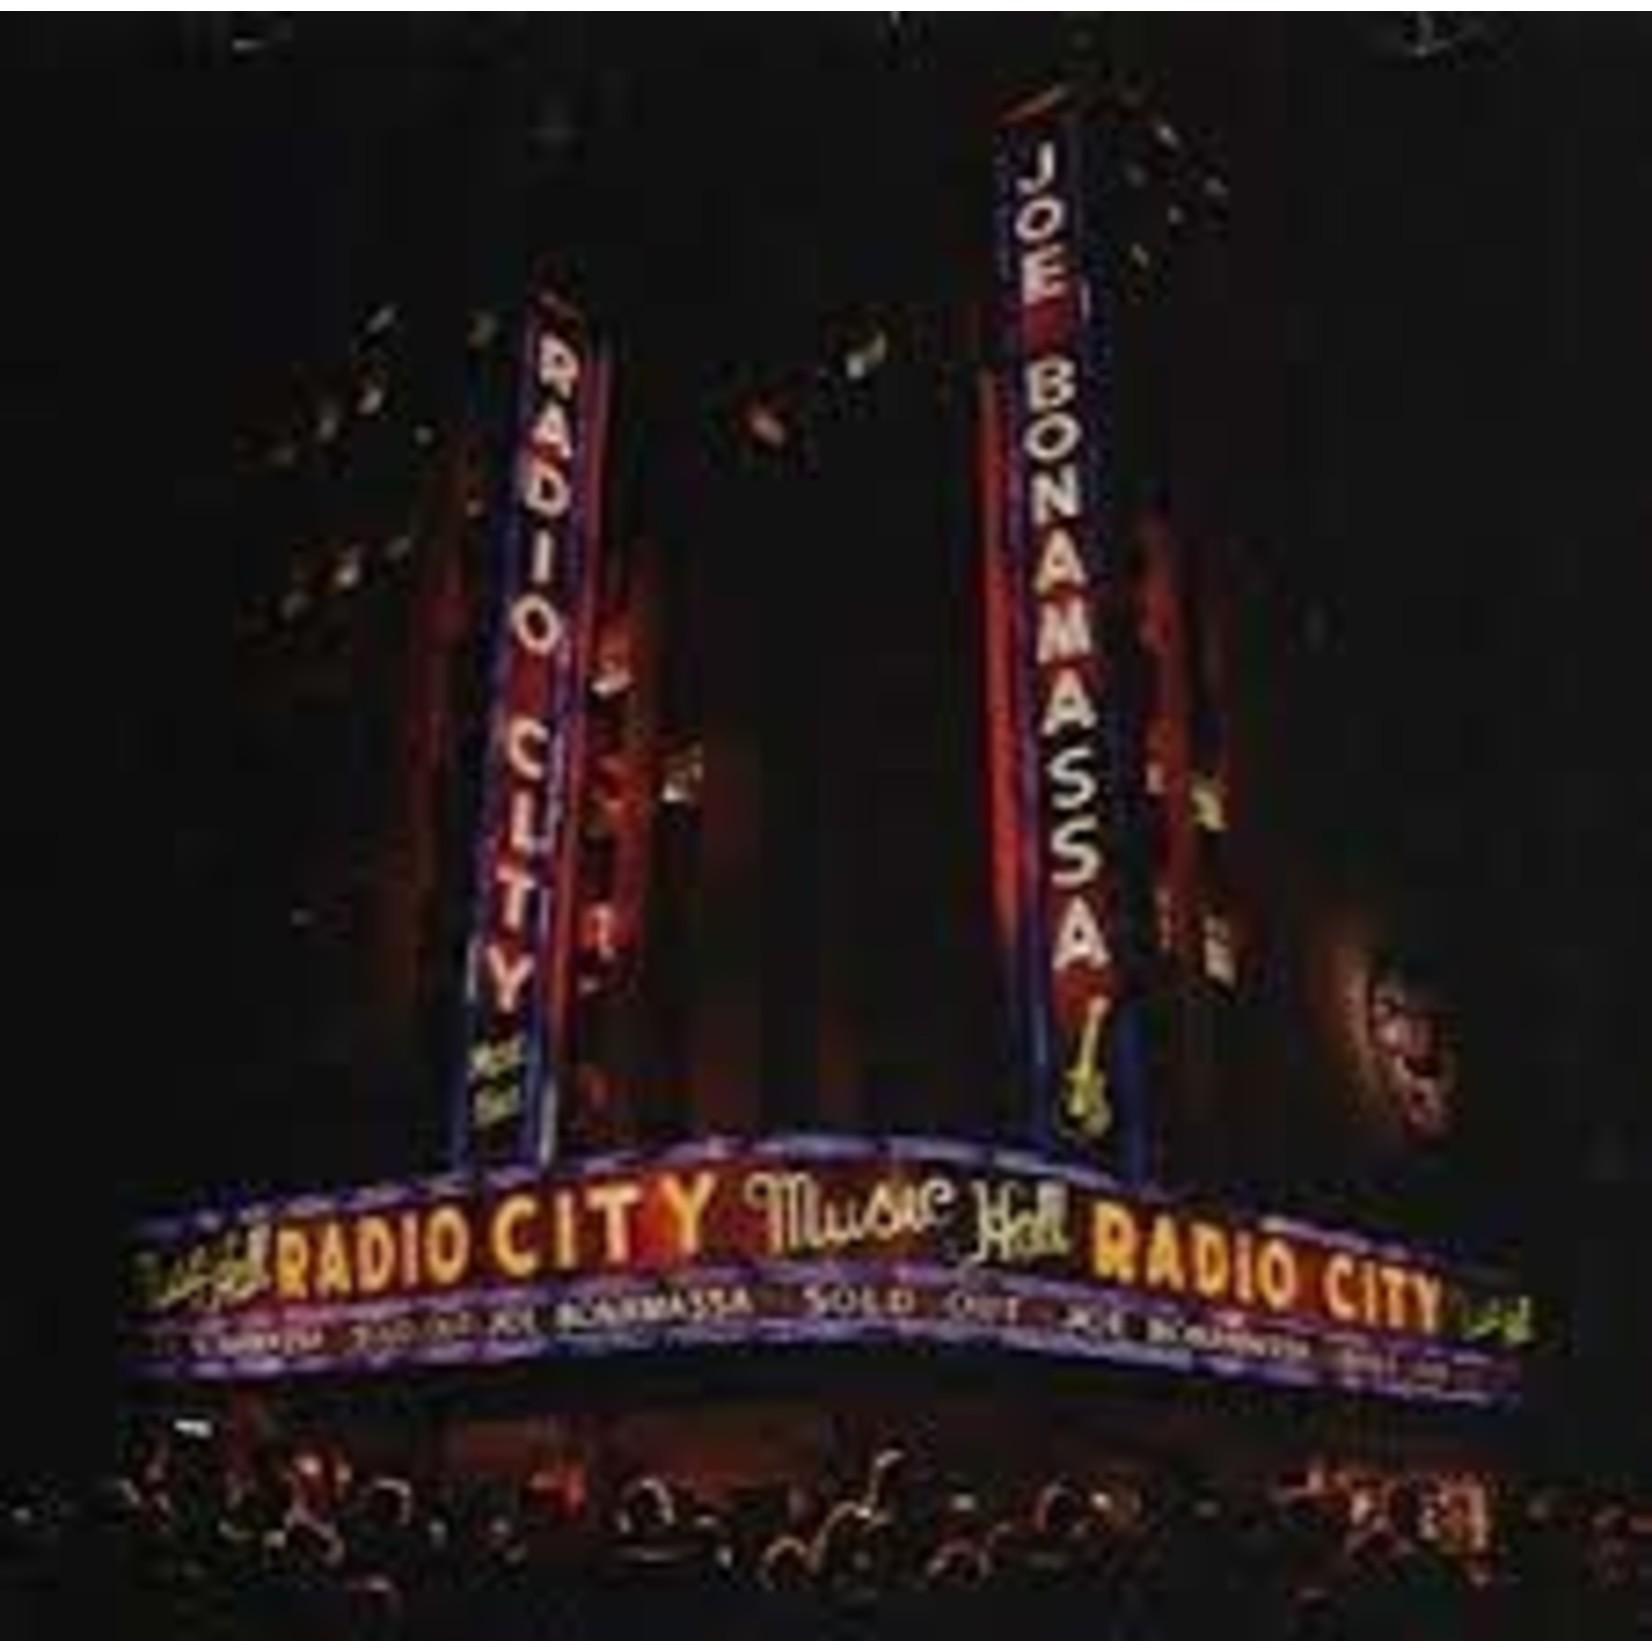 JOE BONAMASSA - LIVE AT RADIO CITY MUSIC HALL 2LP (VINYL)